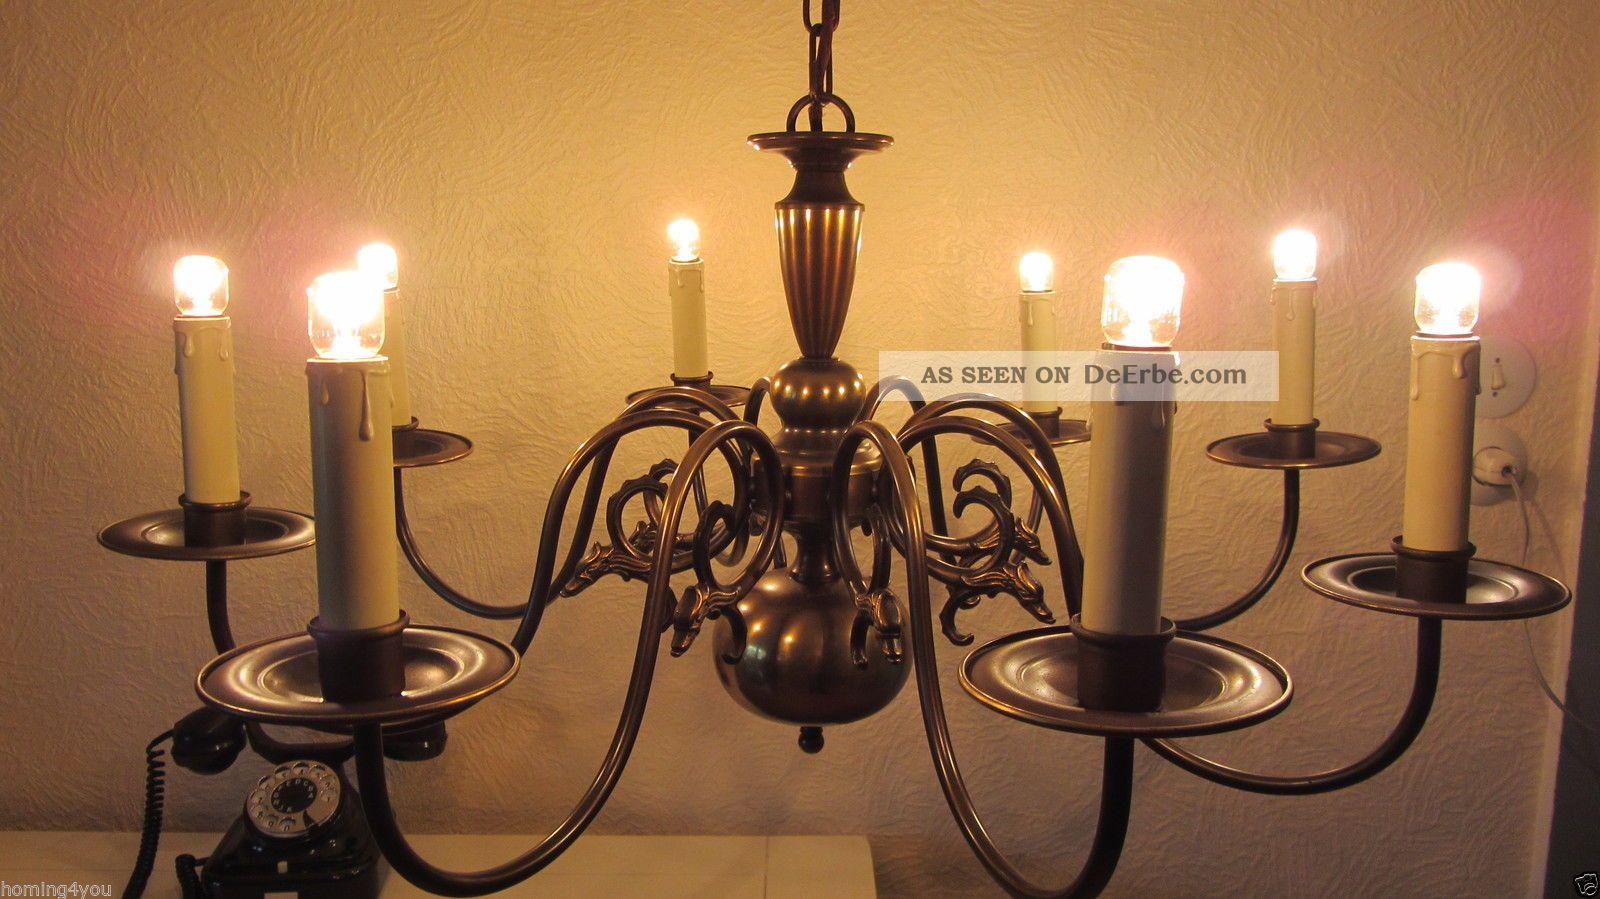 kronleuchter luster deckenlampe h nge lampe messing 8 flammig drachen bauhaus. Black Bedroom Furniture Sets. Home Design Ideas